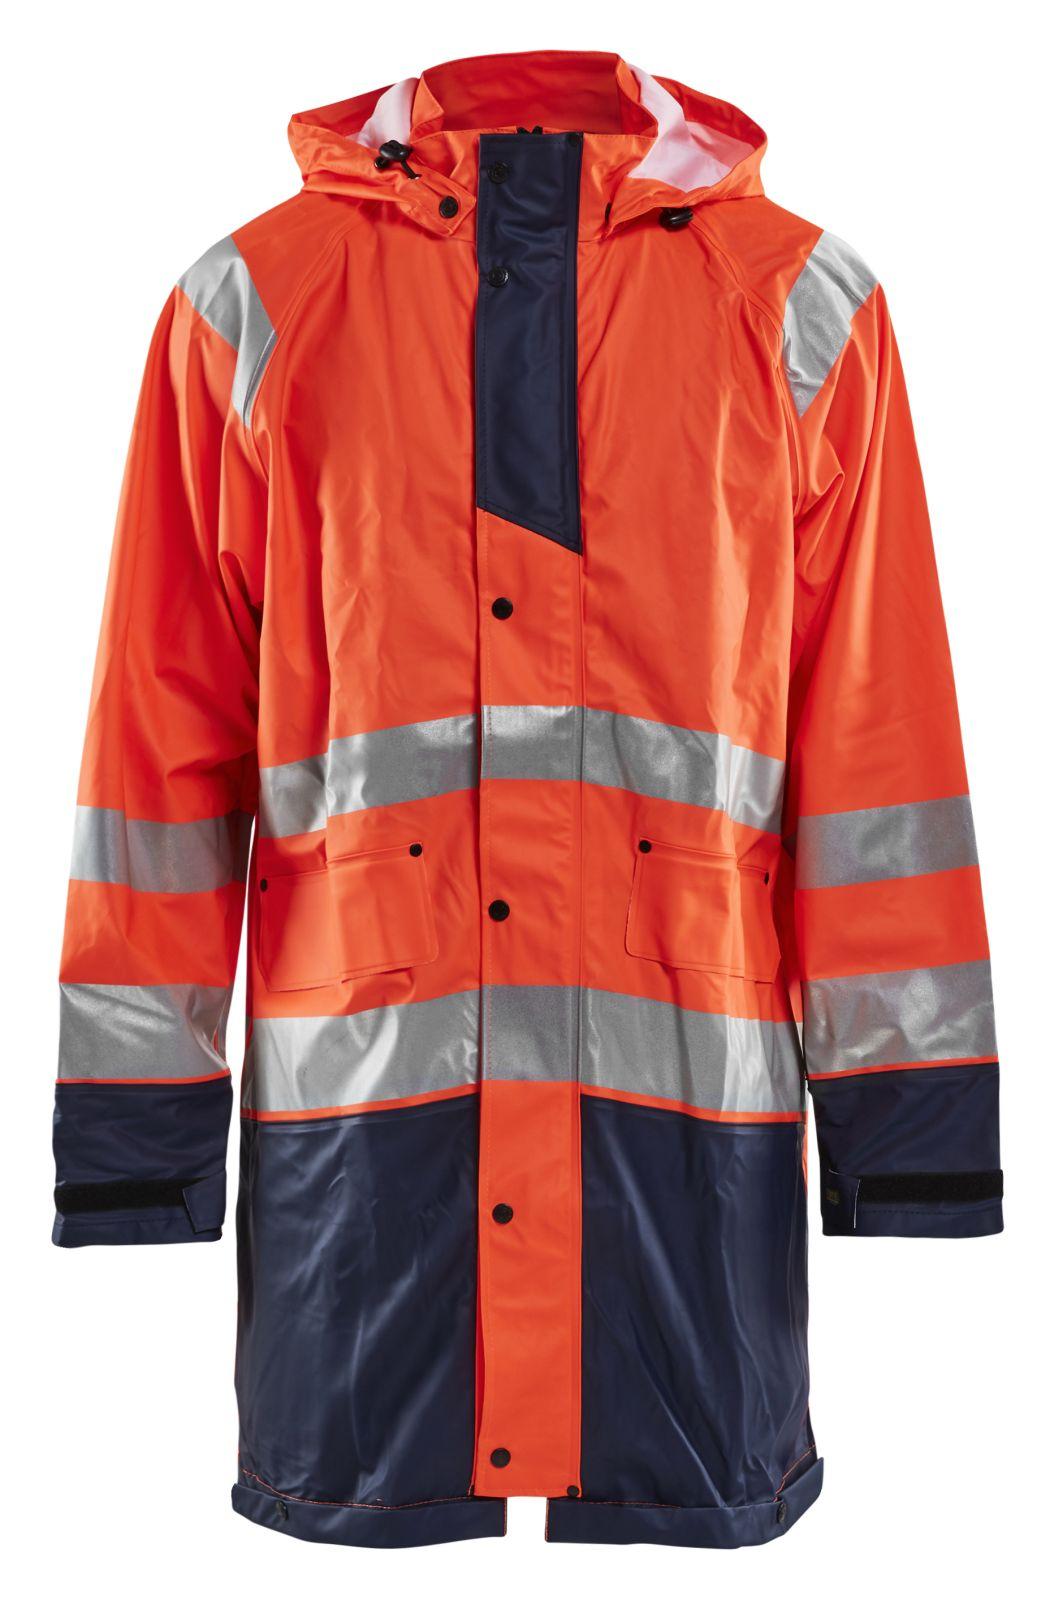 Blaklader Jassen 43242000 High Vis oranje-marineblauw(5389)